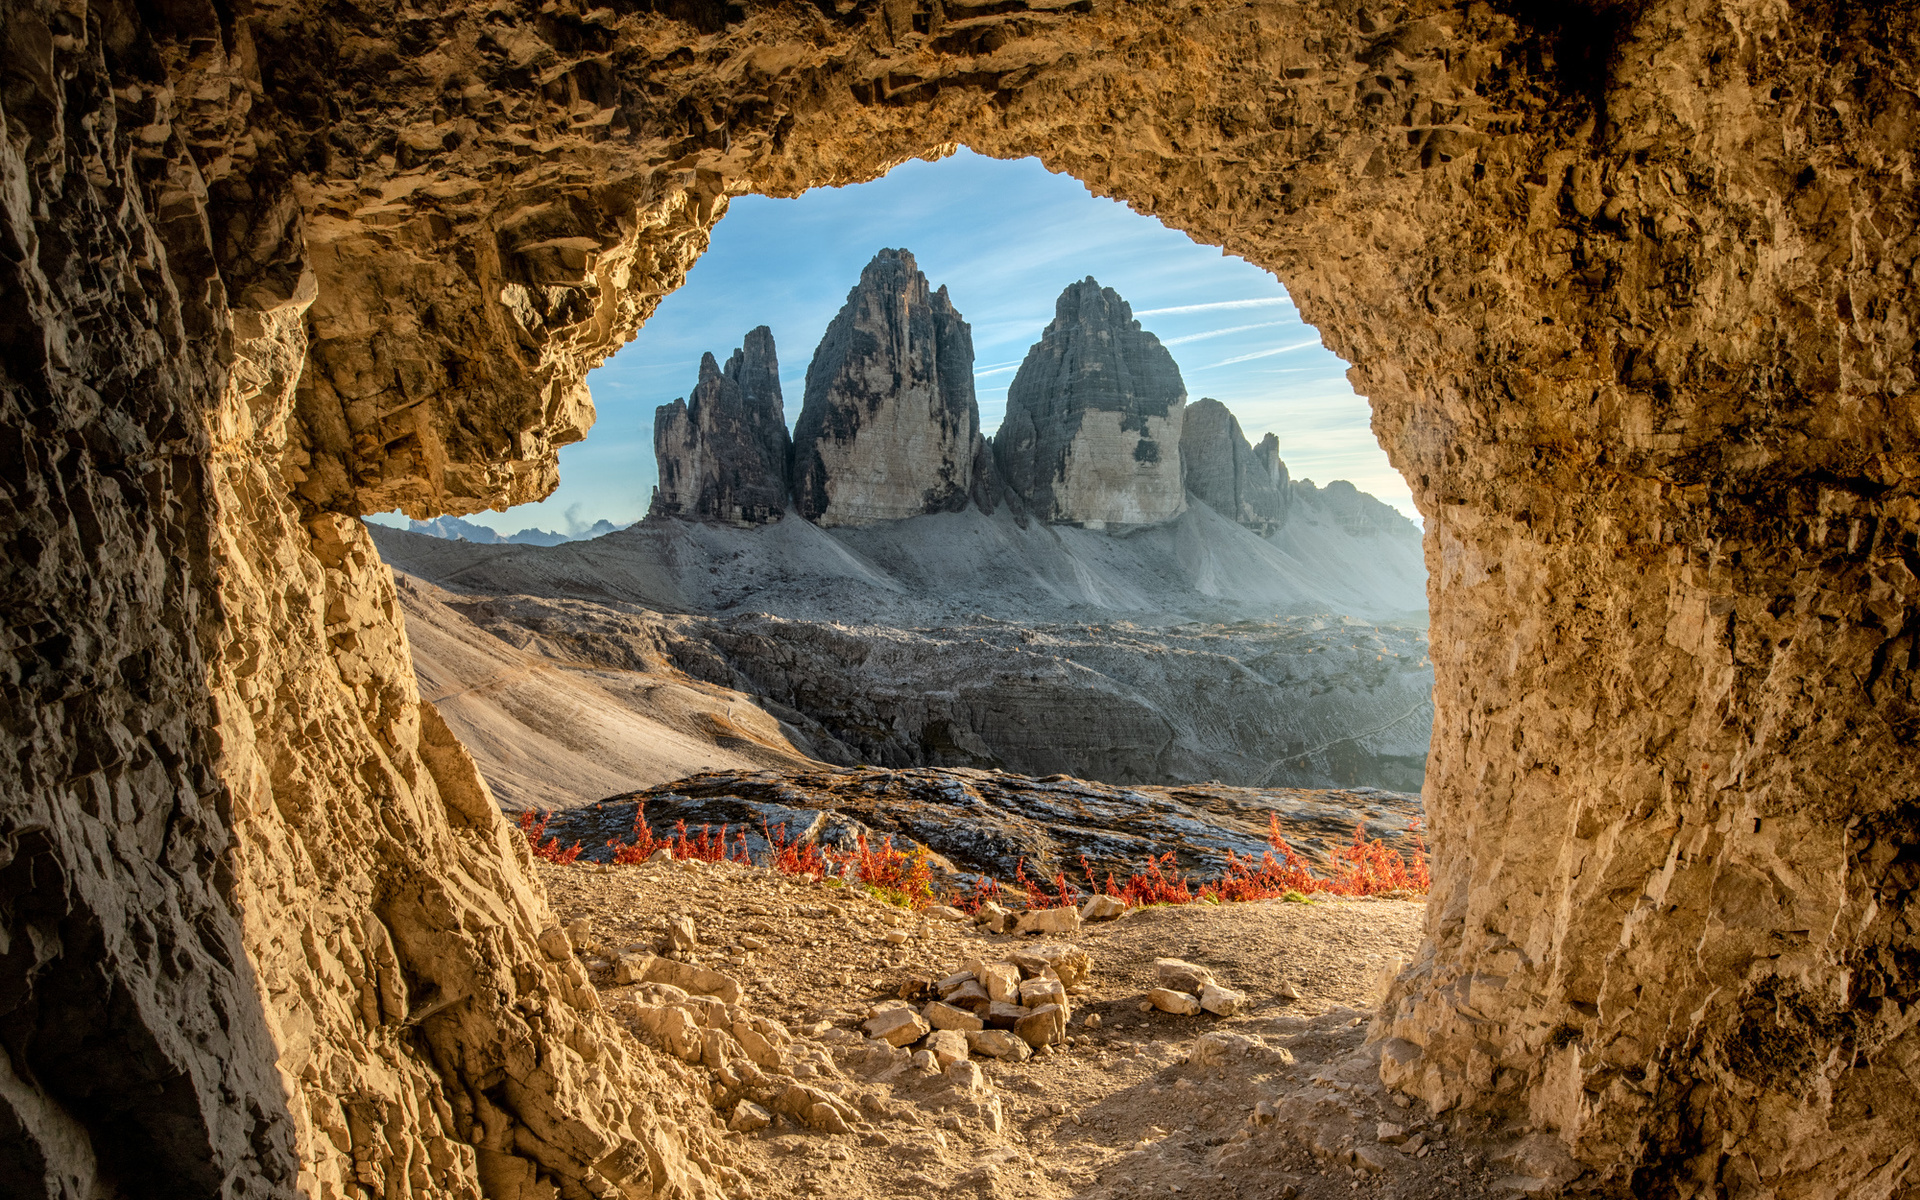 пейзаж, горы, природа, камни, италия, пещера, tre cime di lavaredo, доломиты, тре Чиме ди лаваредо